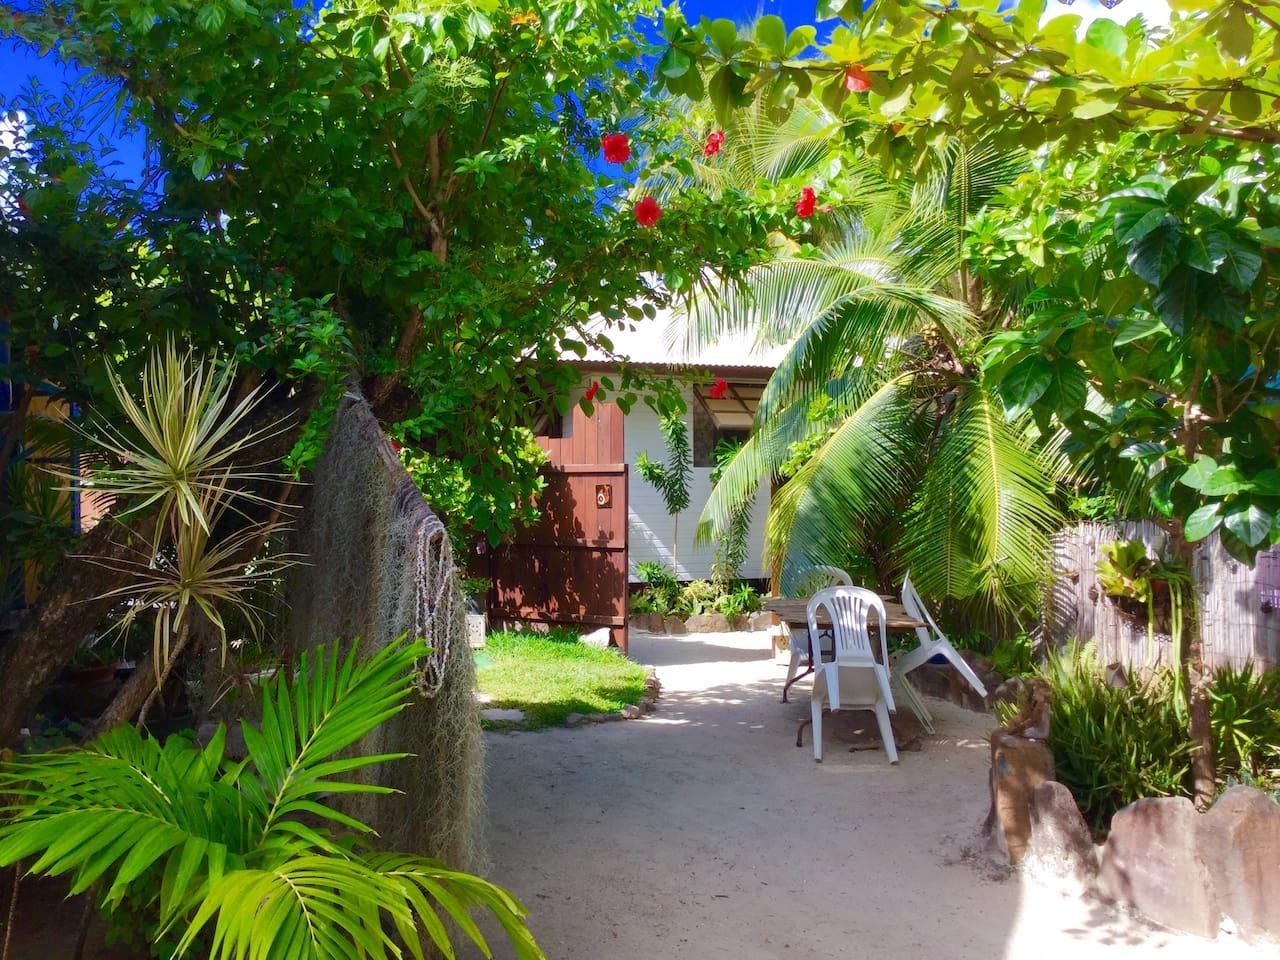 Le bungalow vu de derrière/ the exterior private garden